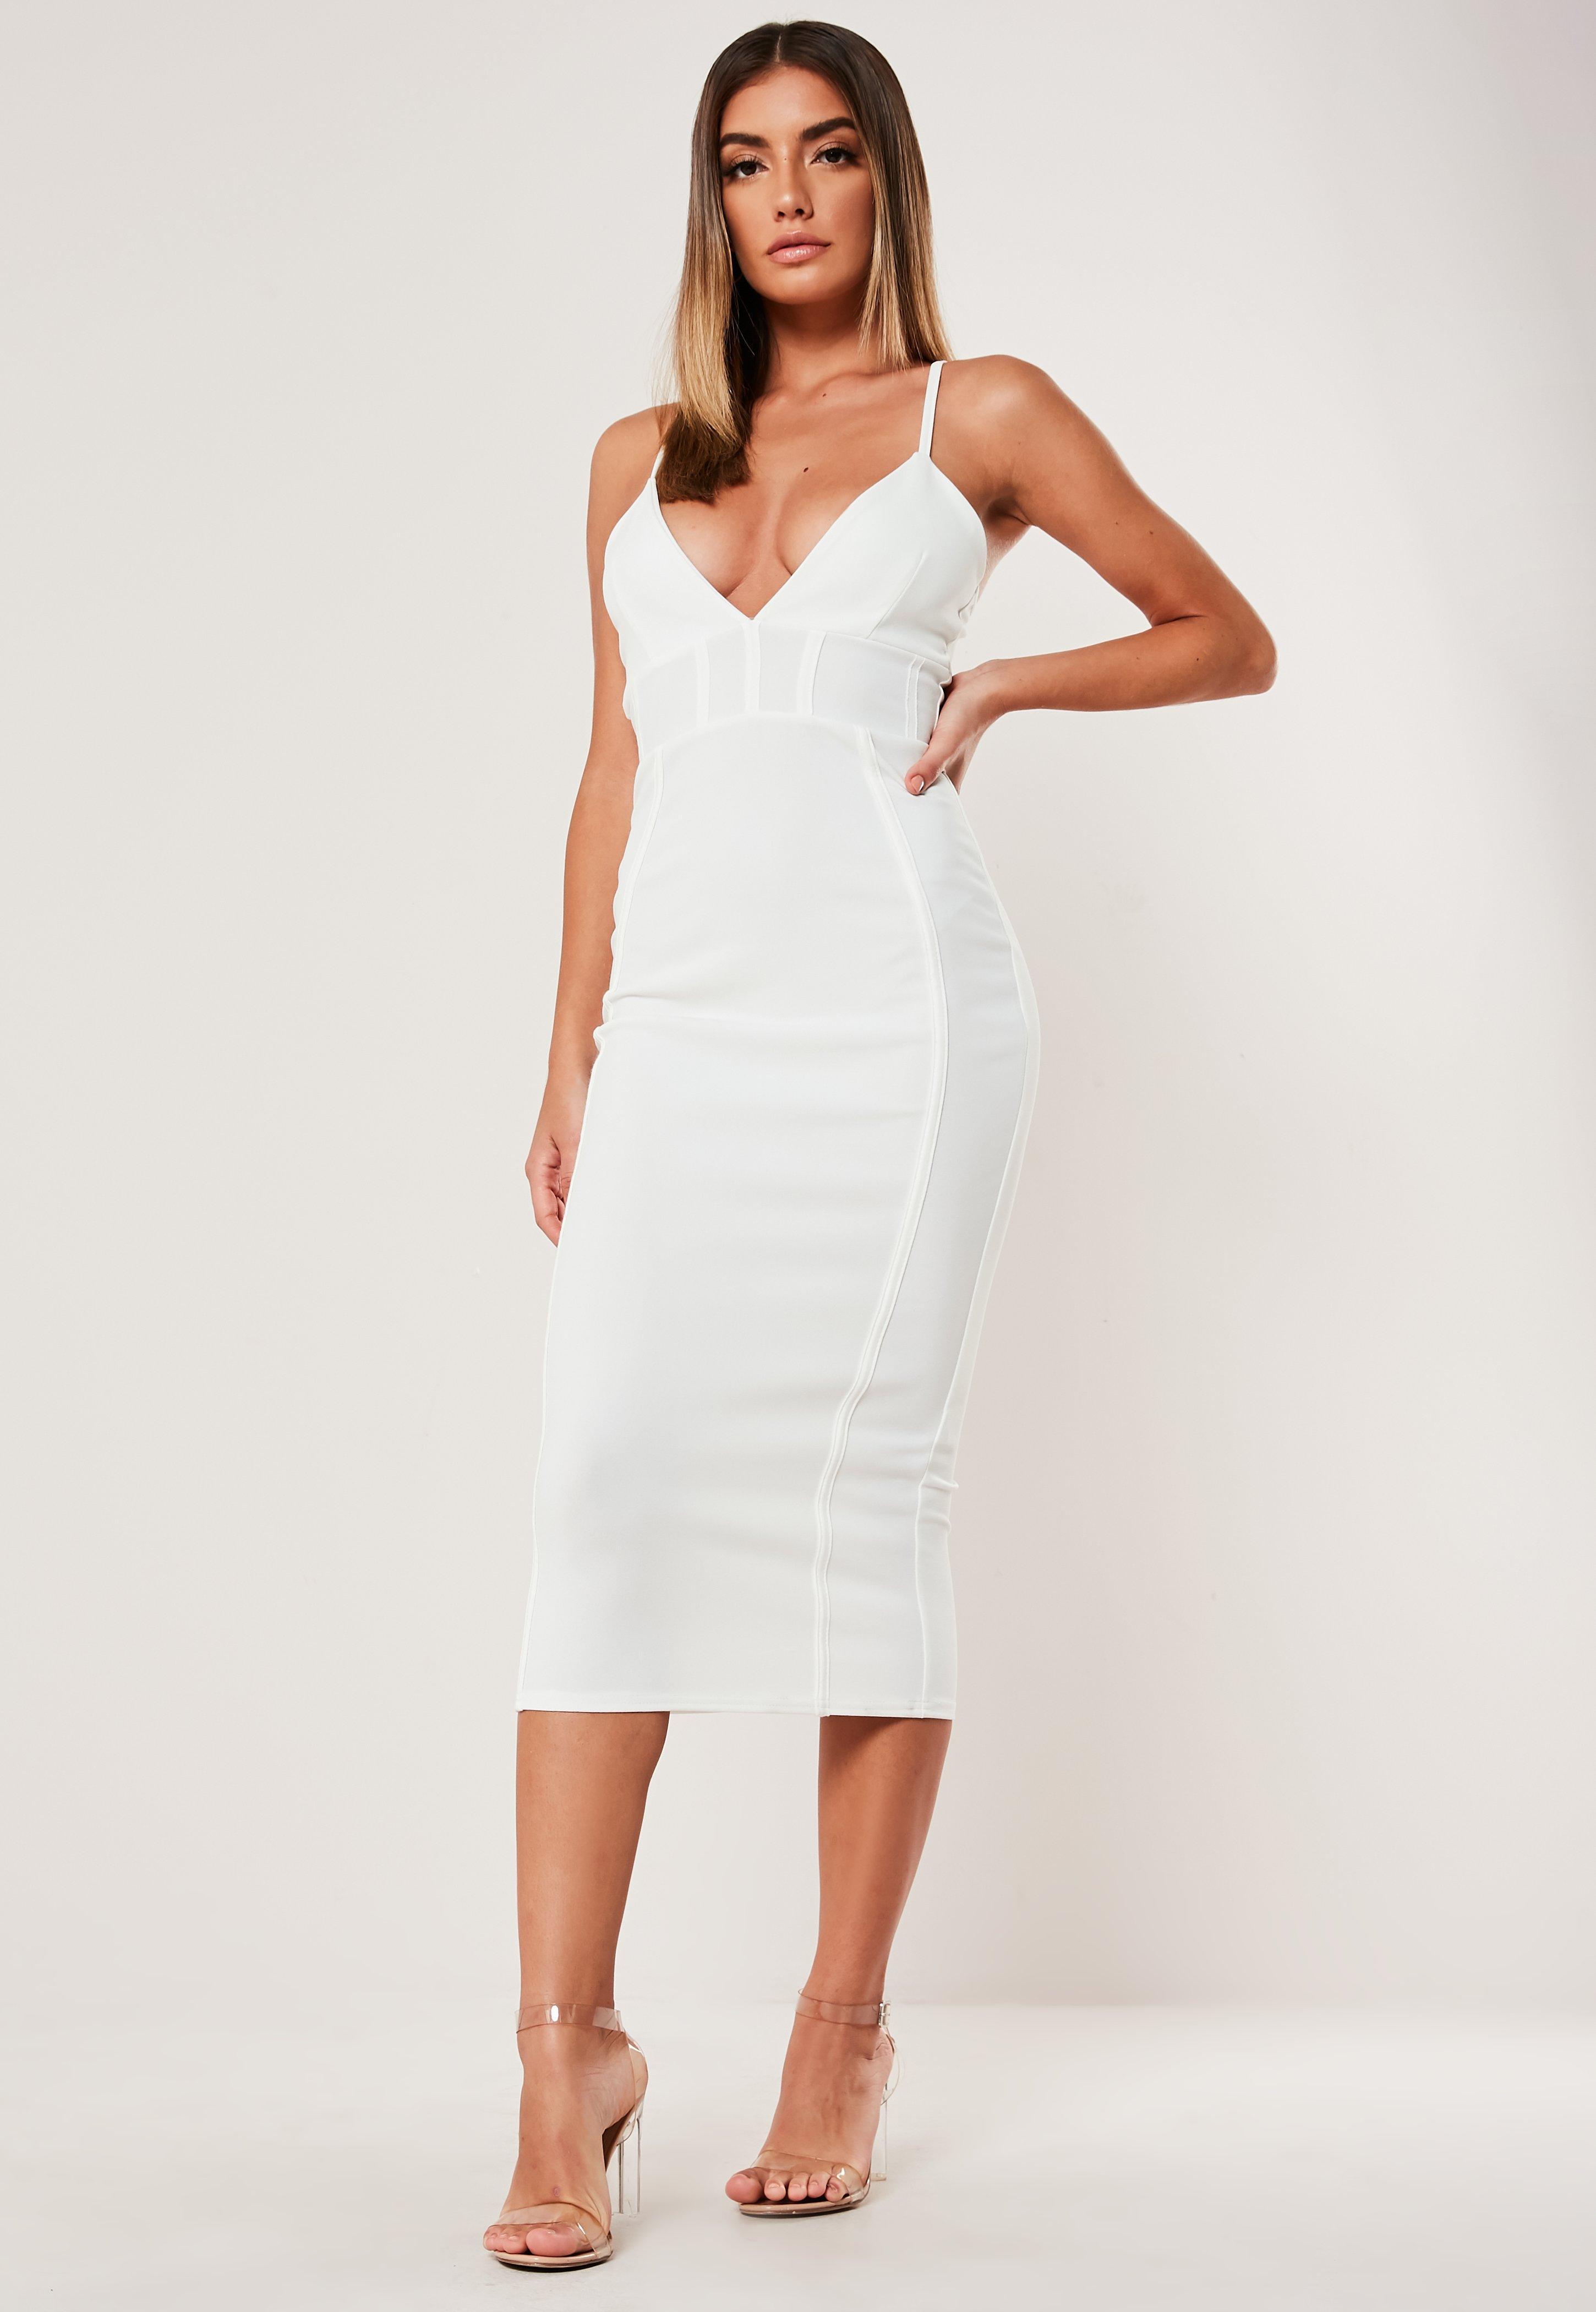 con blanco Vestido corsé detalle midi de ajustado DI2eEYWH9